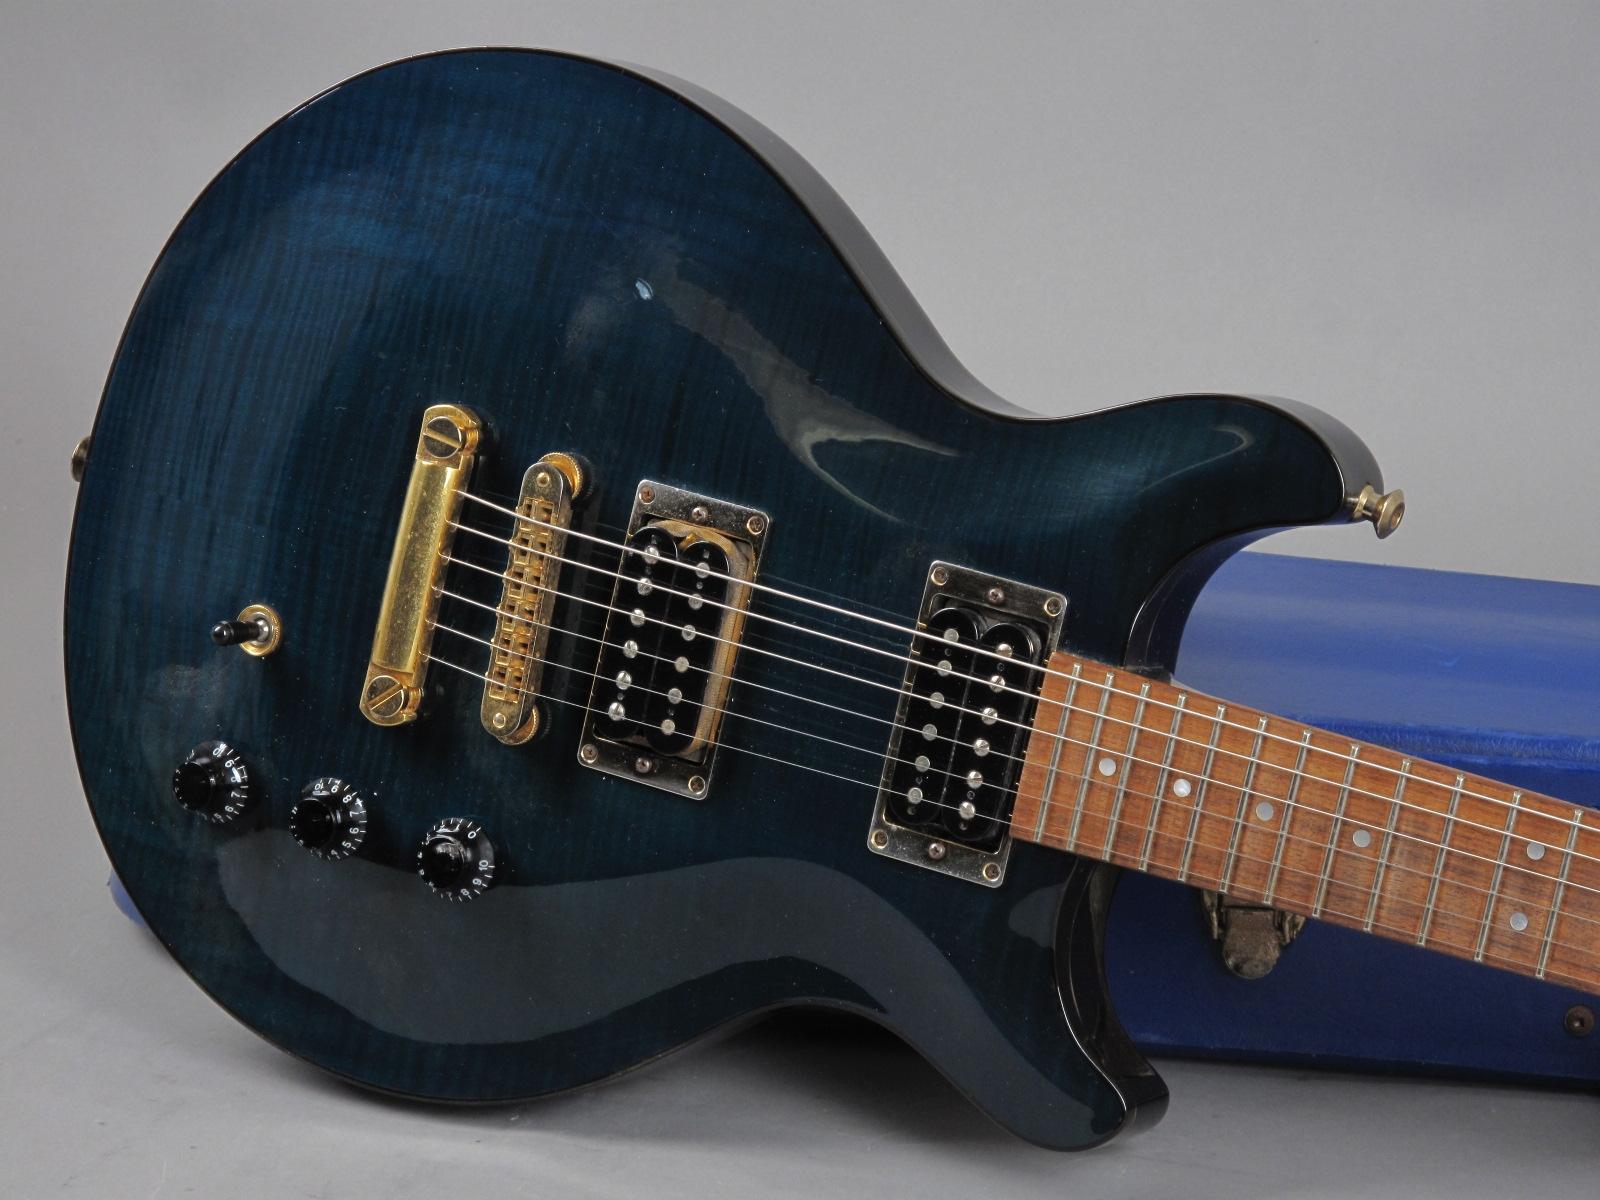 https://guitarpoint.de/app/uploads/products/1992-hamer-studio-archtop-translucent-blue/1992-Hamer-Special-Trans-Blue-231843_19.jpg